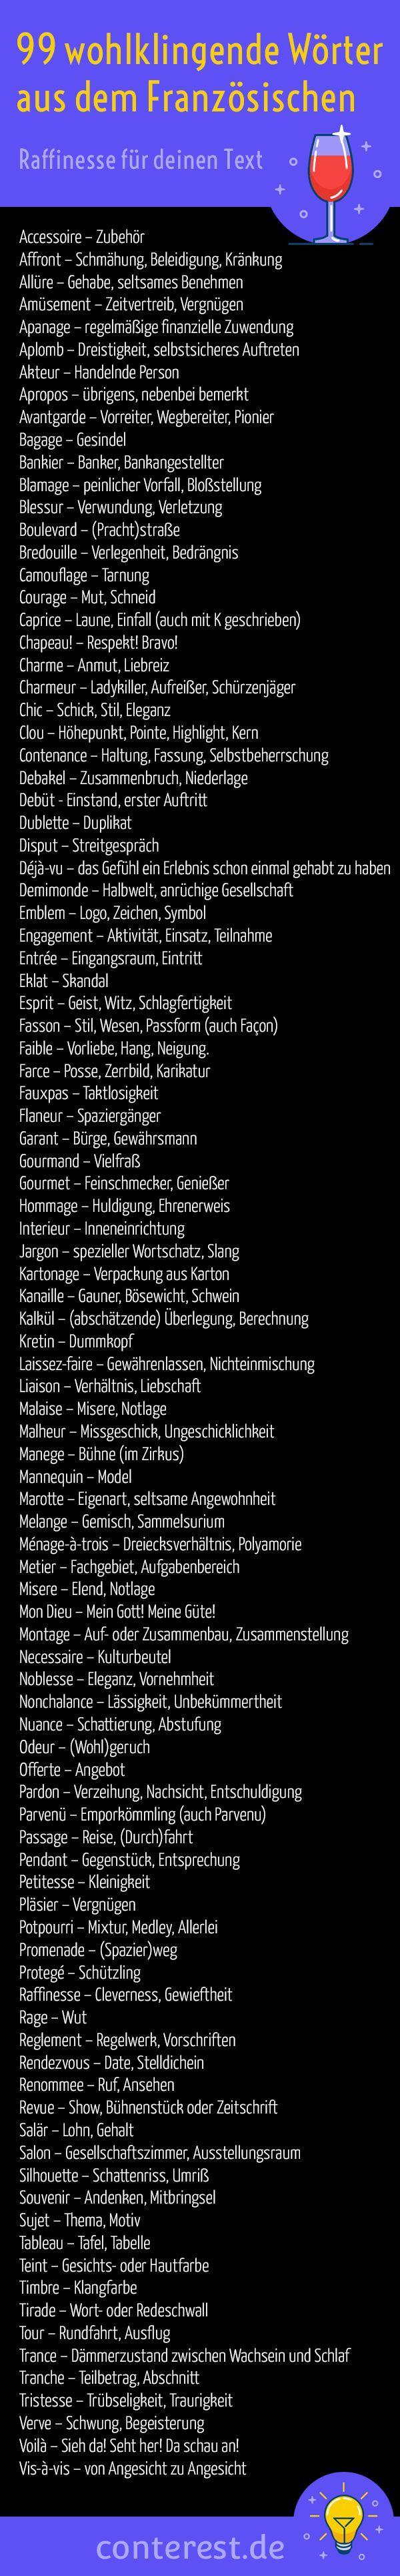 99 wohlklingende Französische Wörter im Deutschen – Mehr Raffinesse für deinen Text